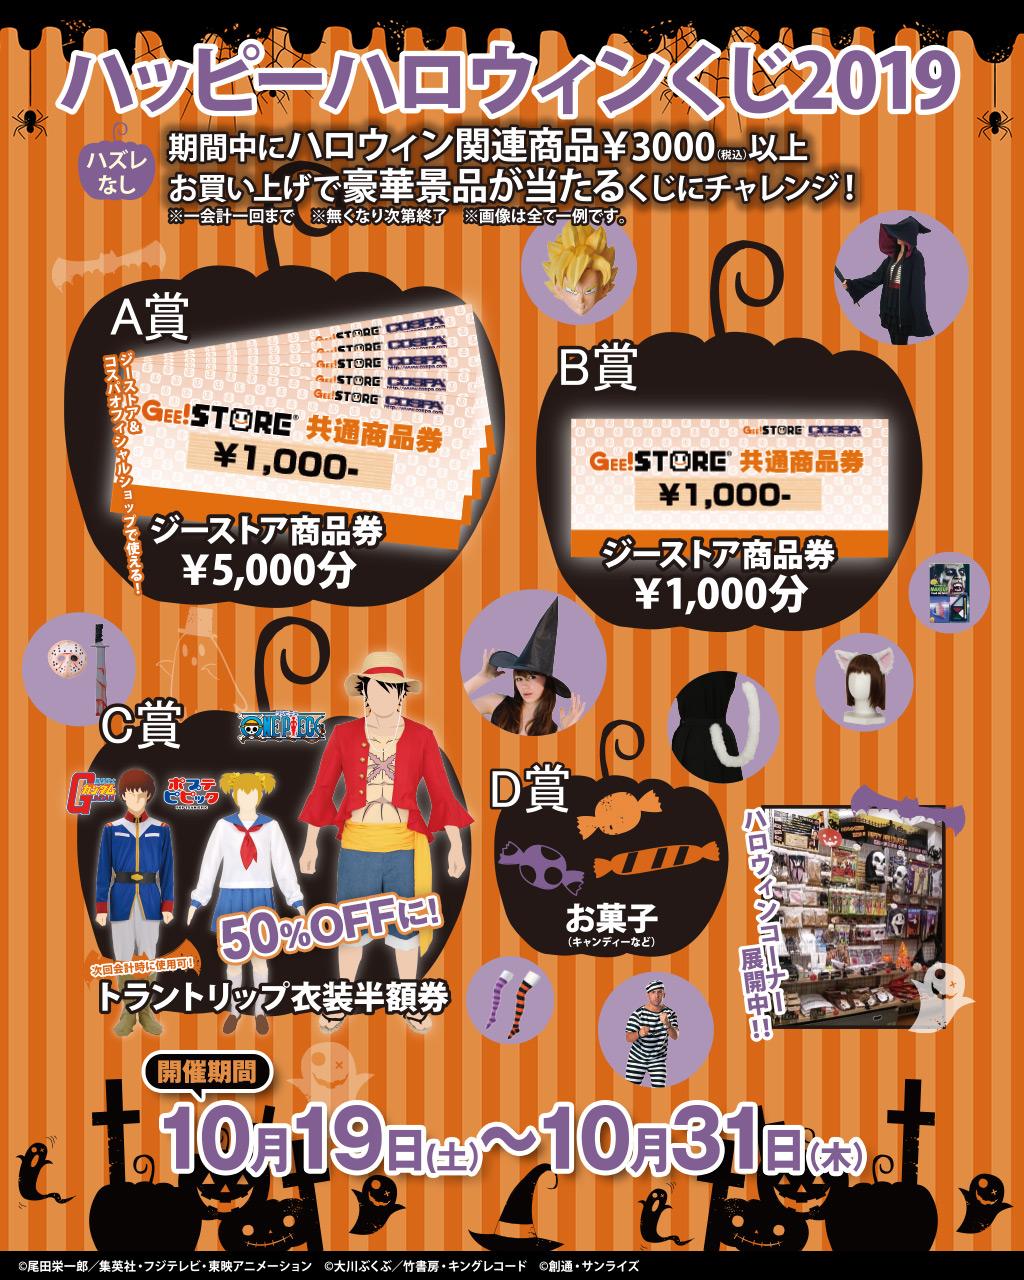 [キャンペーン]ハロウィンのお買い物がさらに楽しくなる!ハッピーハロウィンくじ2019開催決定!